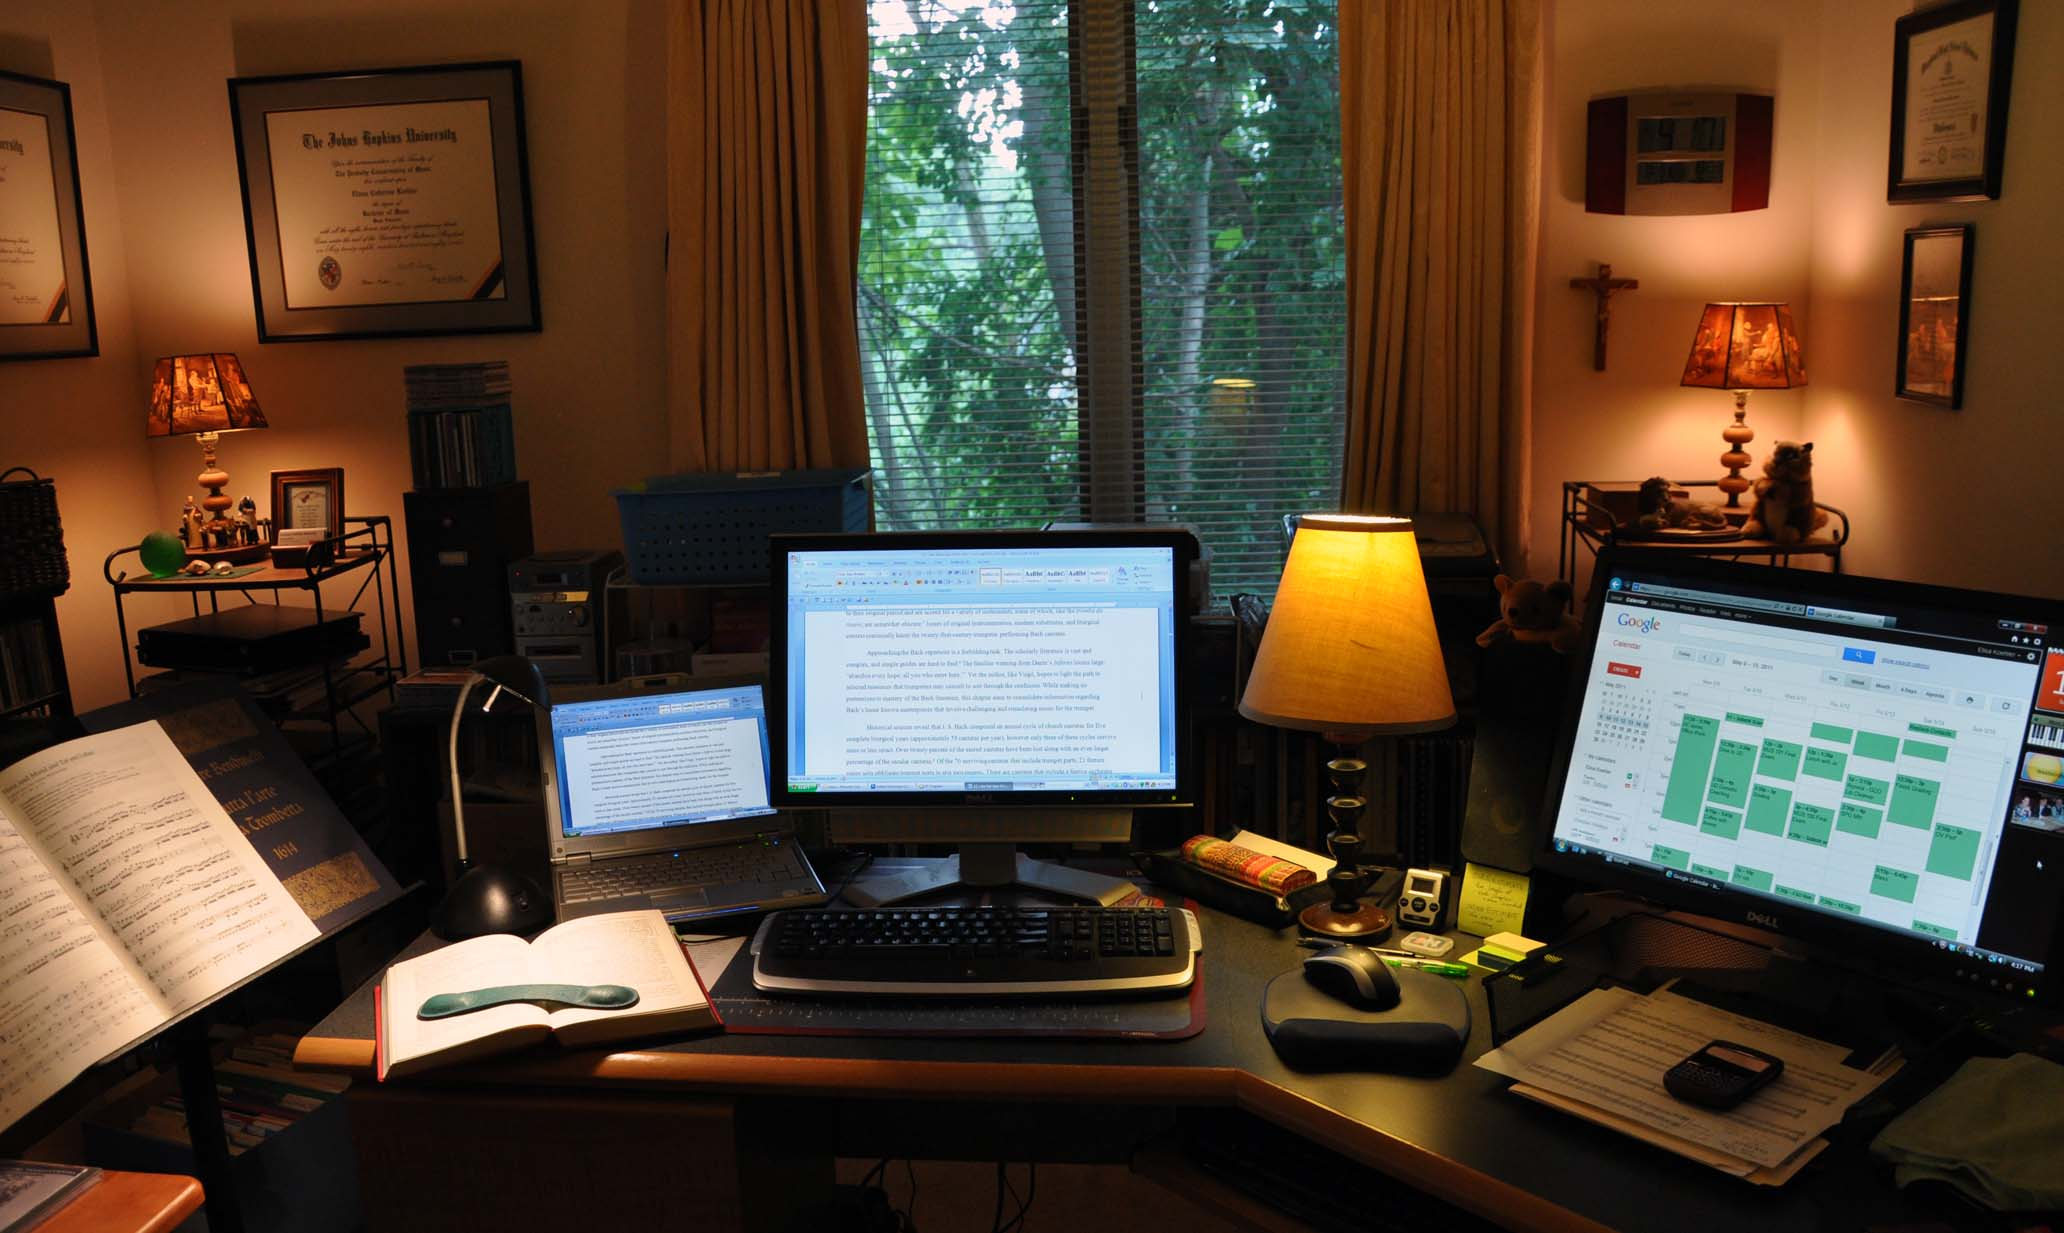 Home Office Inteligente – Seu Negócio Online em 10 Simples Passos